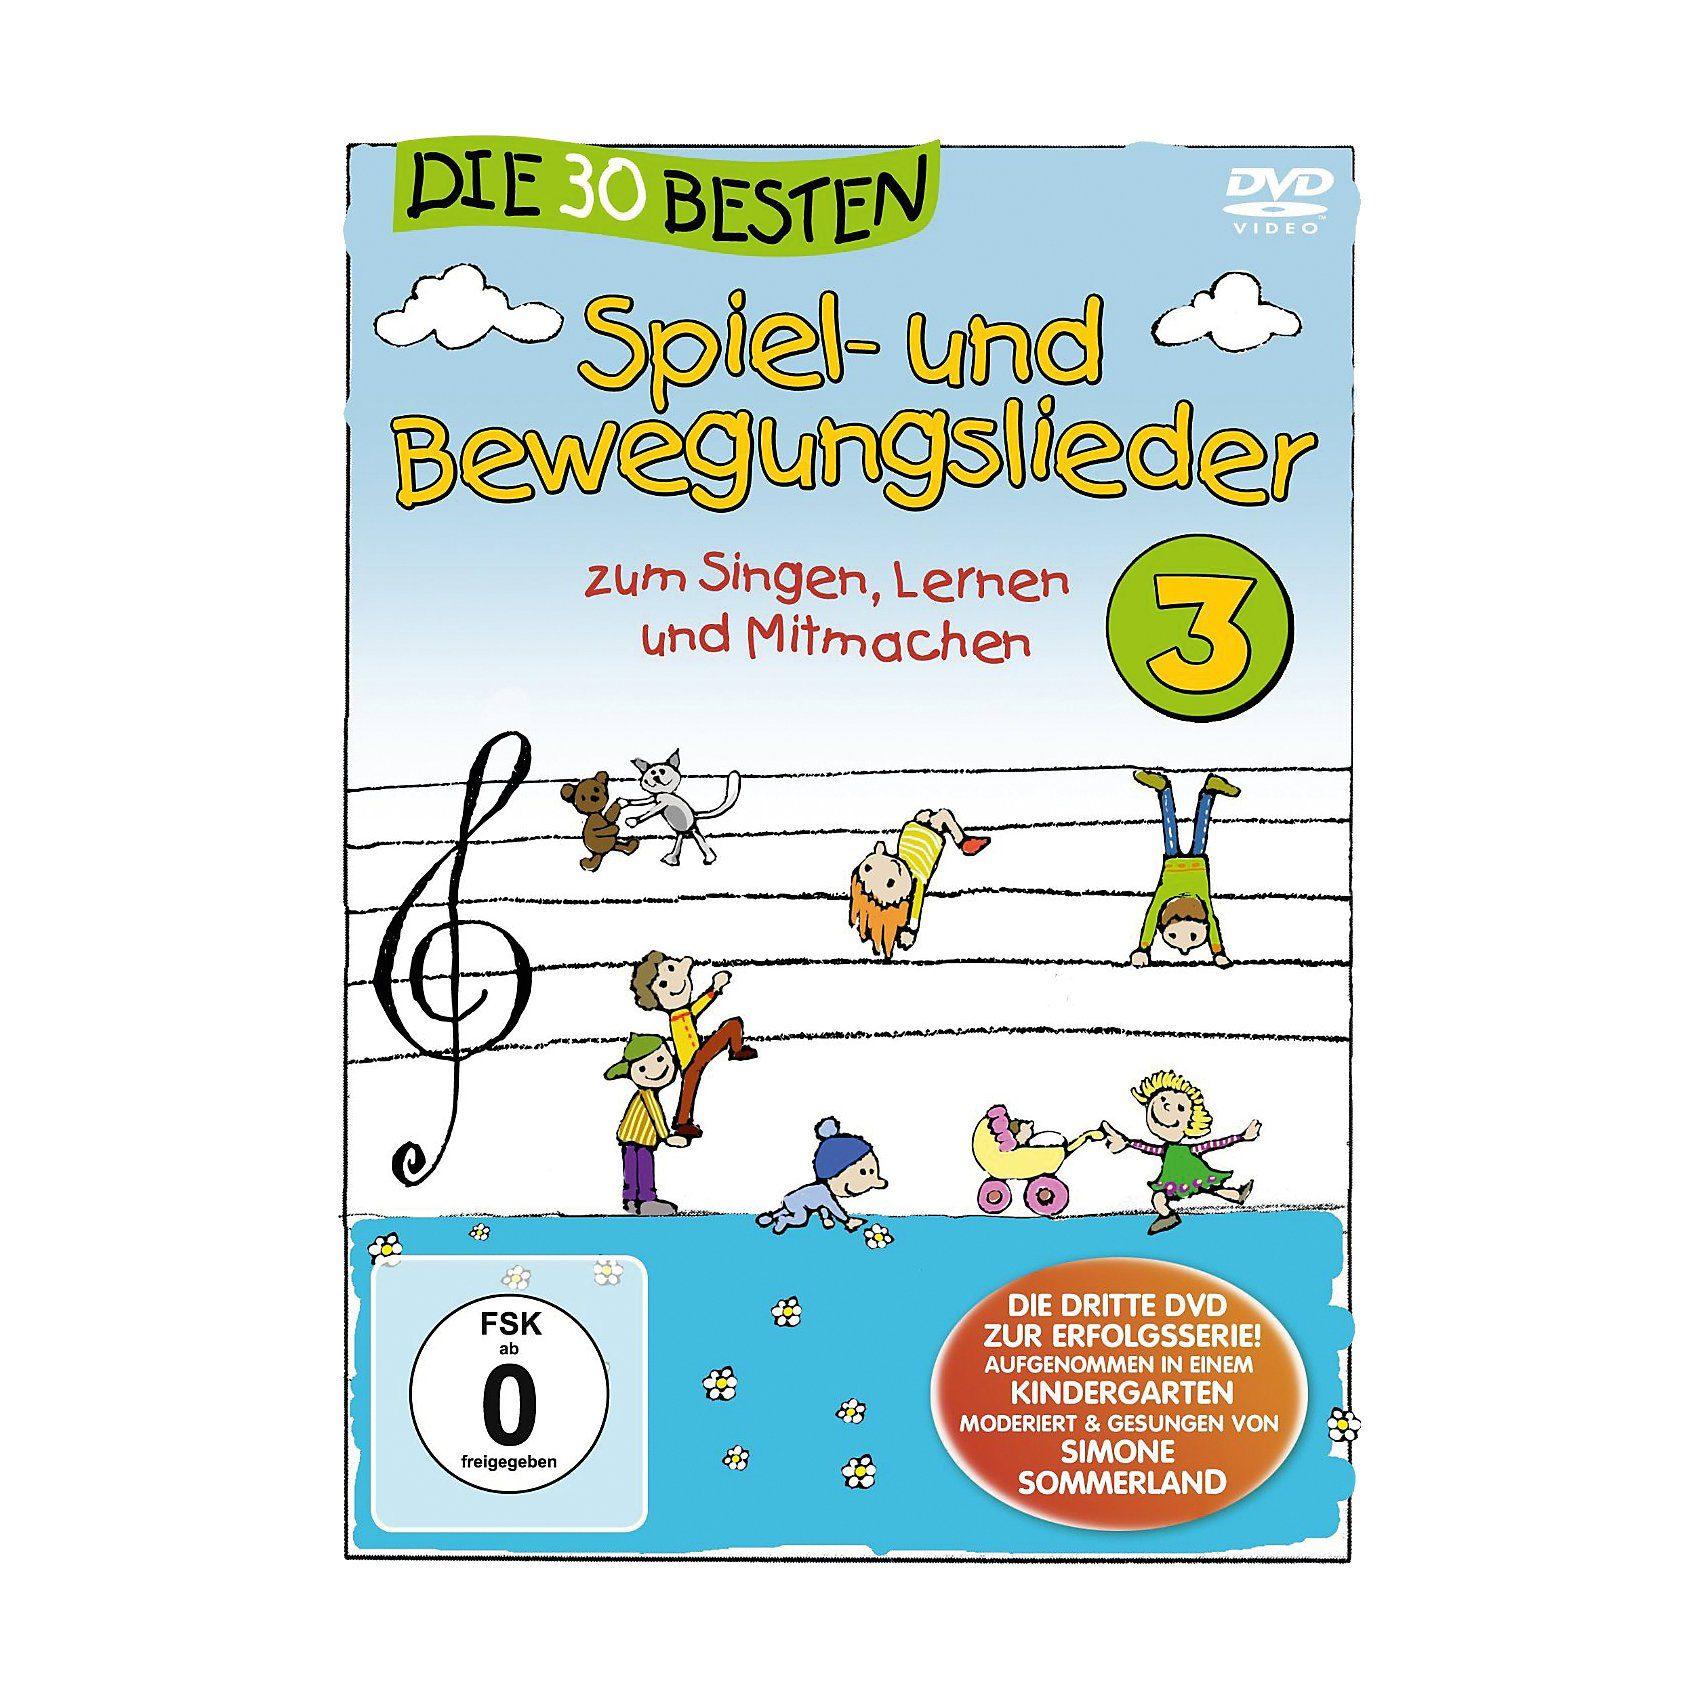 Universal DVD Die 30 besten Spiel und Bewegungslieder 3